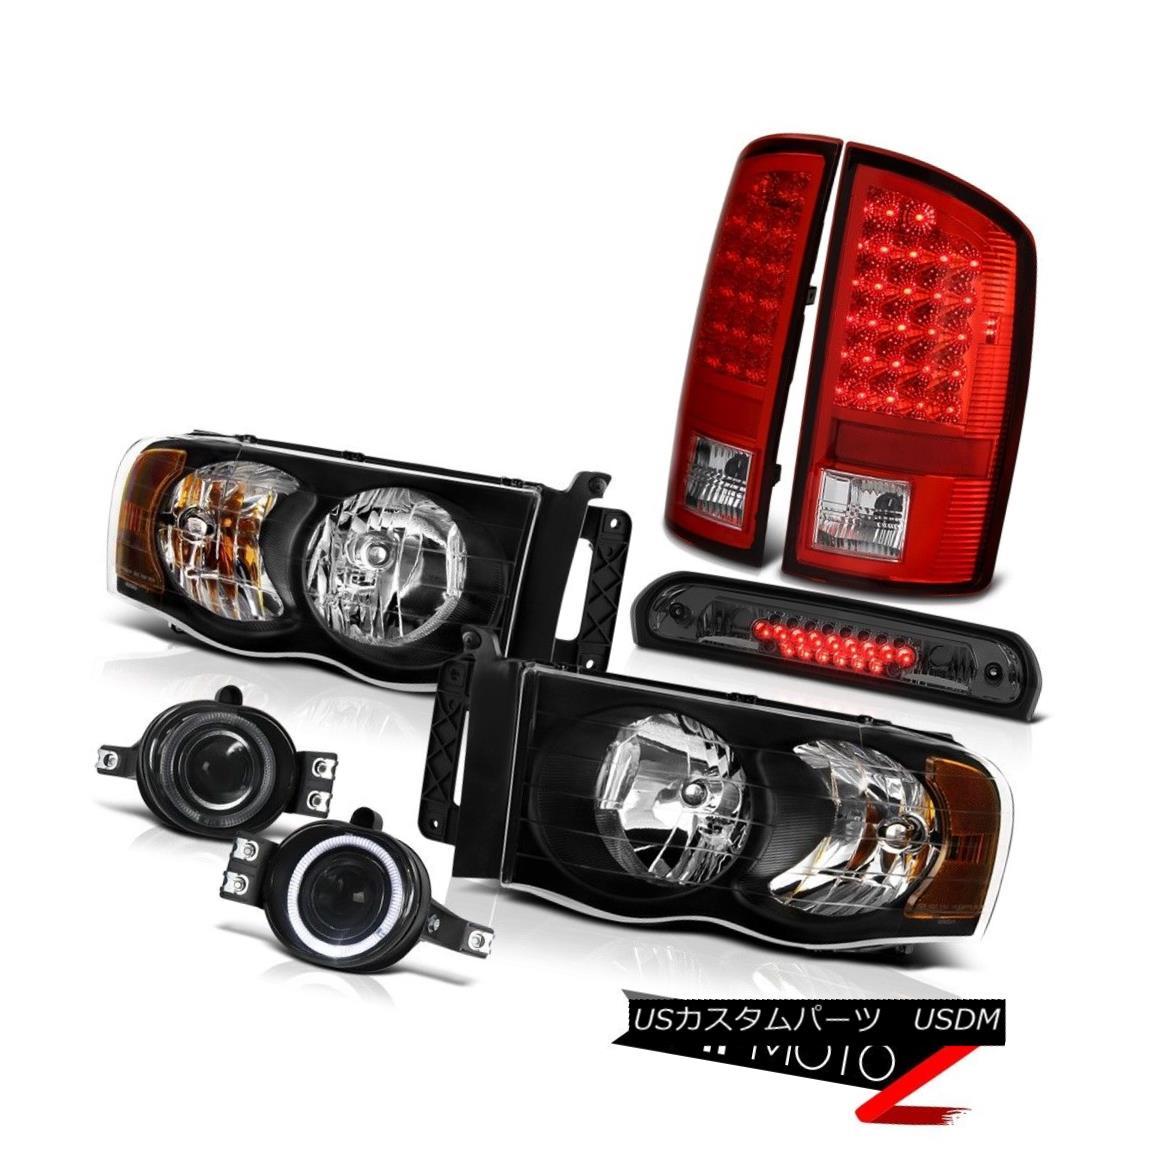 ヘッドライト 02-05 Ram 1500 Satin Black Headlamp LED Tail Lamp Assembly Tinted Fog Roof Brake 02-05ラム1500サテン・ブラックヘッドランプLEDテールランプ・アッセンブリー・ミント・フォグ・ルーフ・ブレーキ